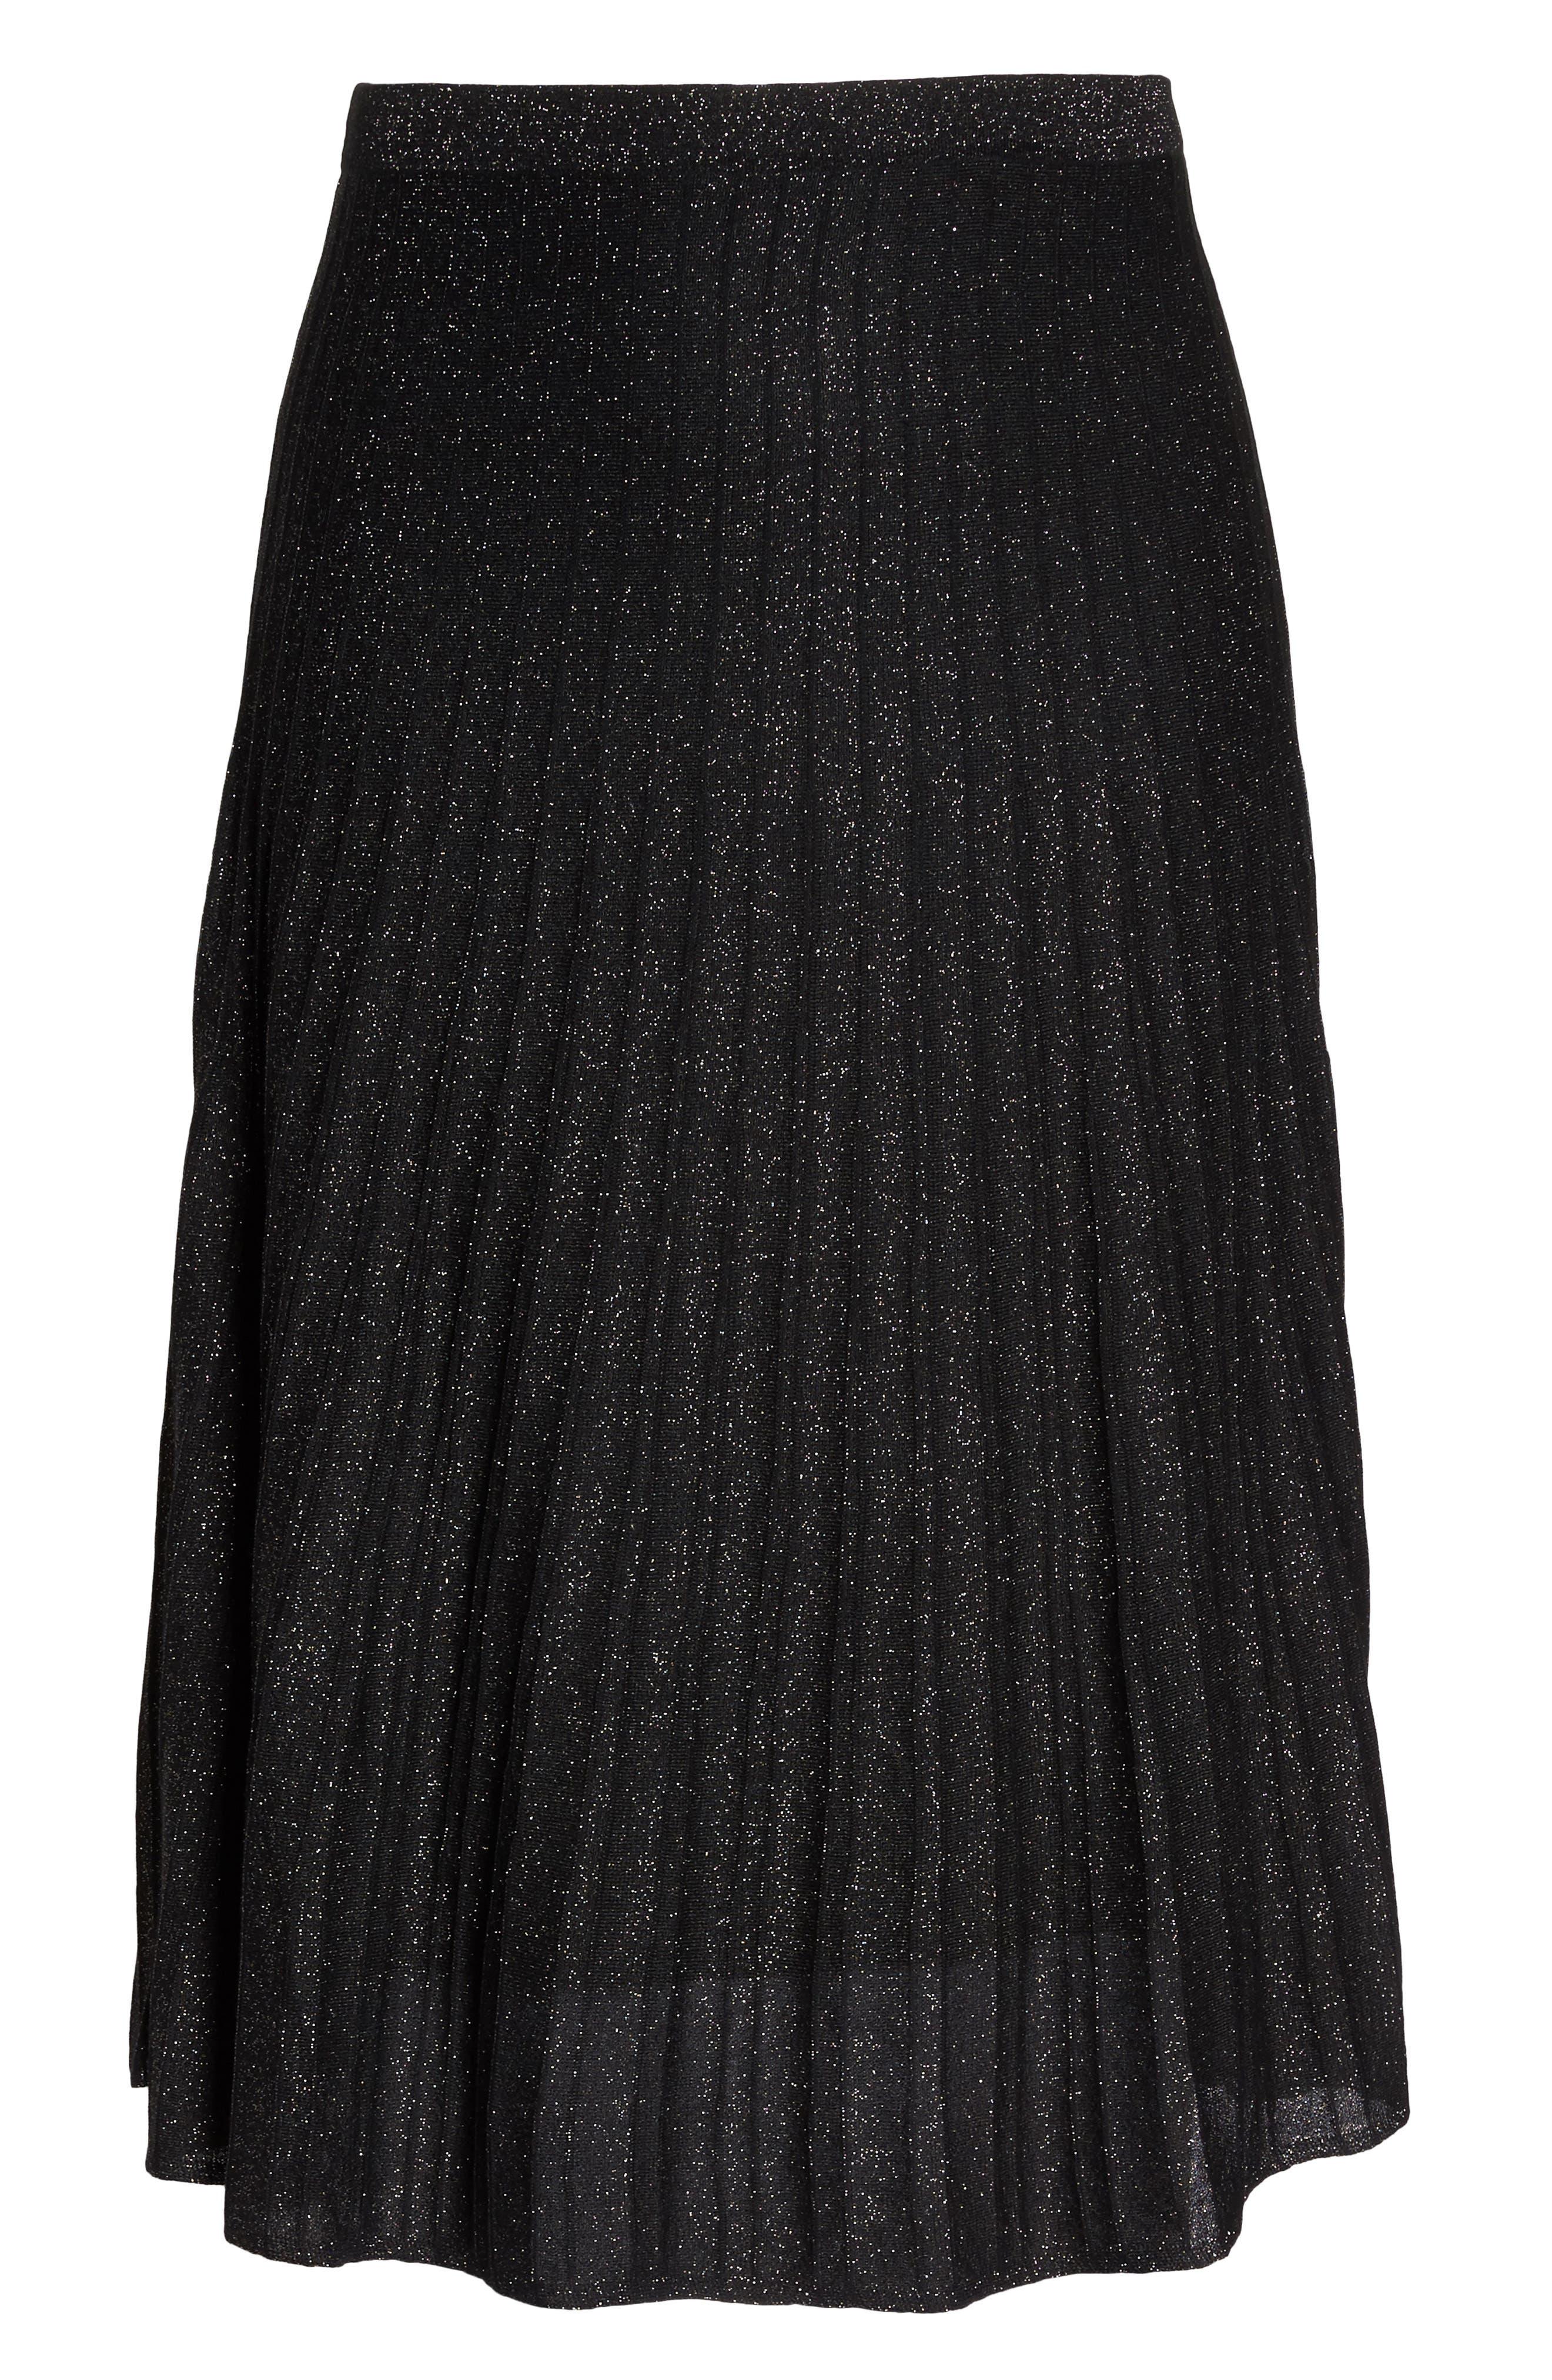 Luminary Skirt,                             Alternate thumbnail 6, color,